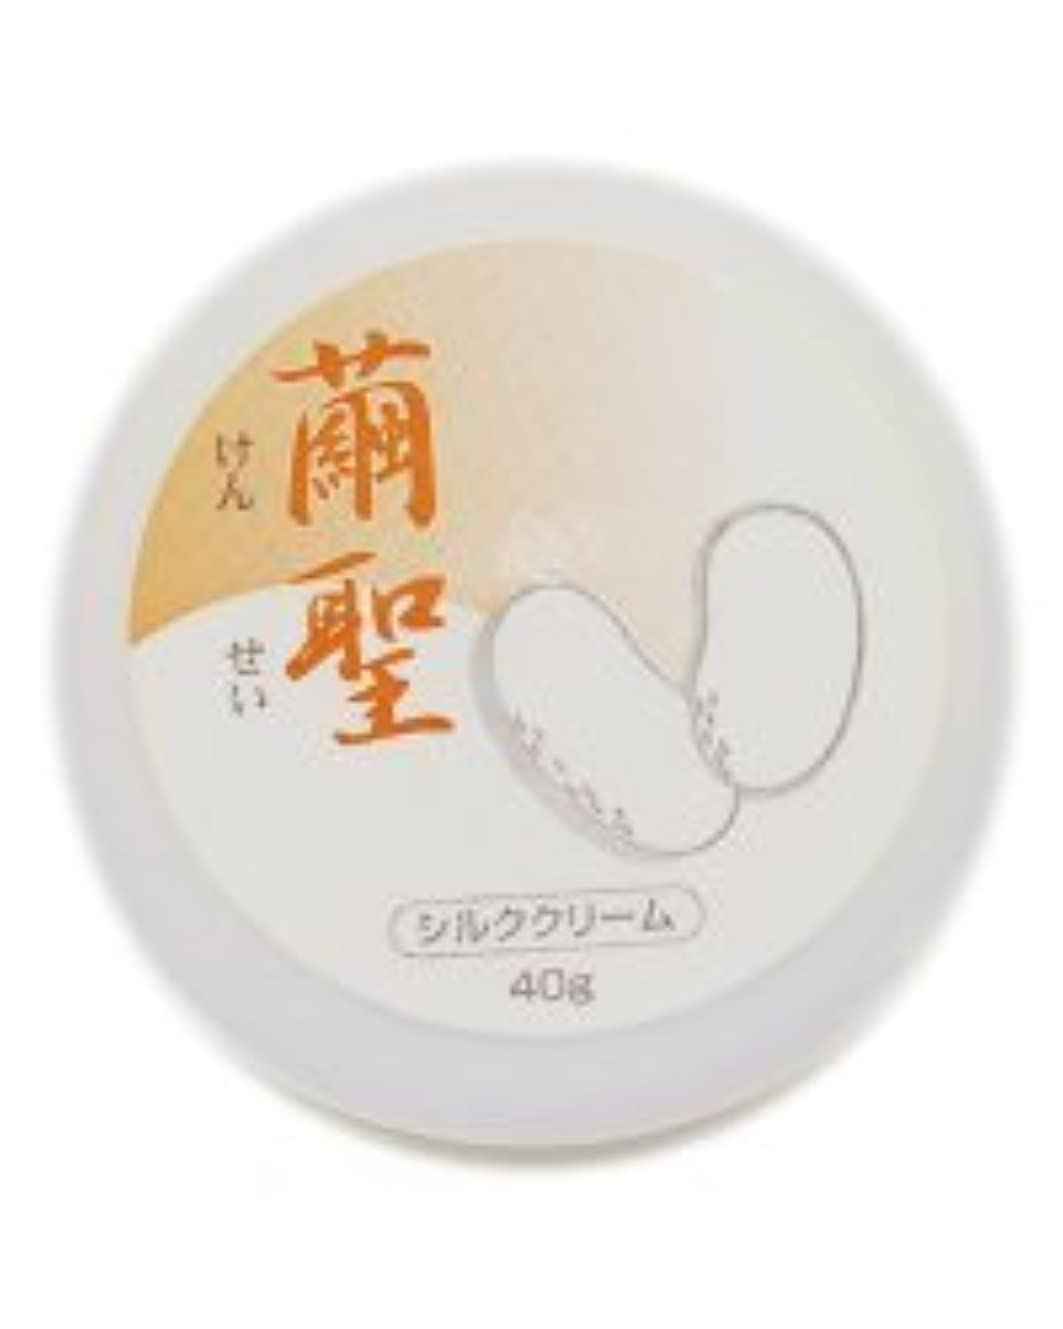 歯科の世紀アーサーコナンドイル〔ラヴィドール〕絹夢物語 繭聖(けんせい) 40g